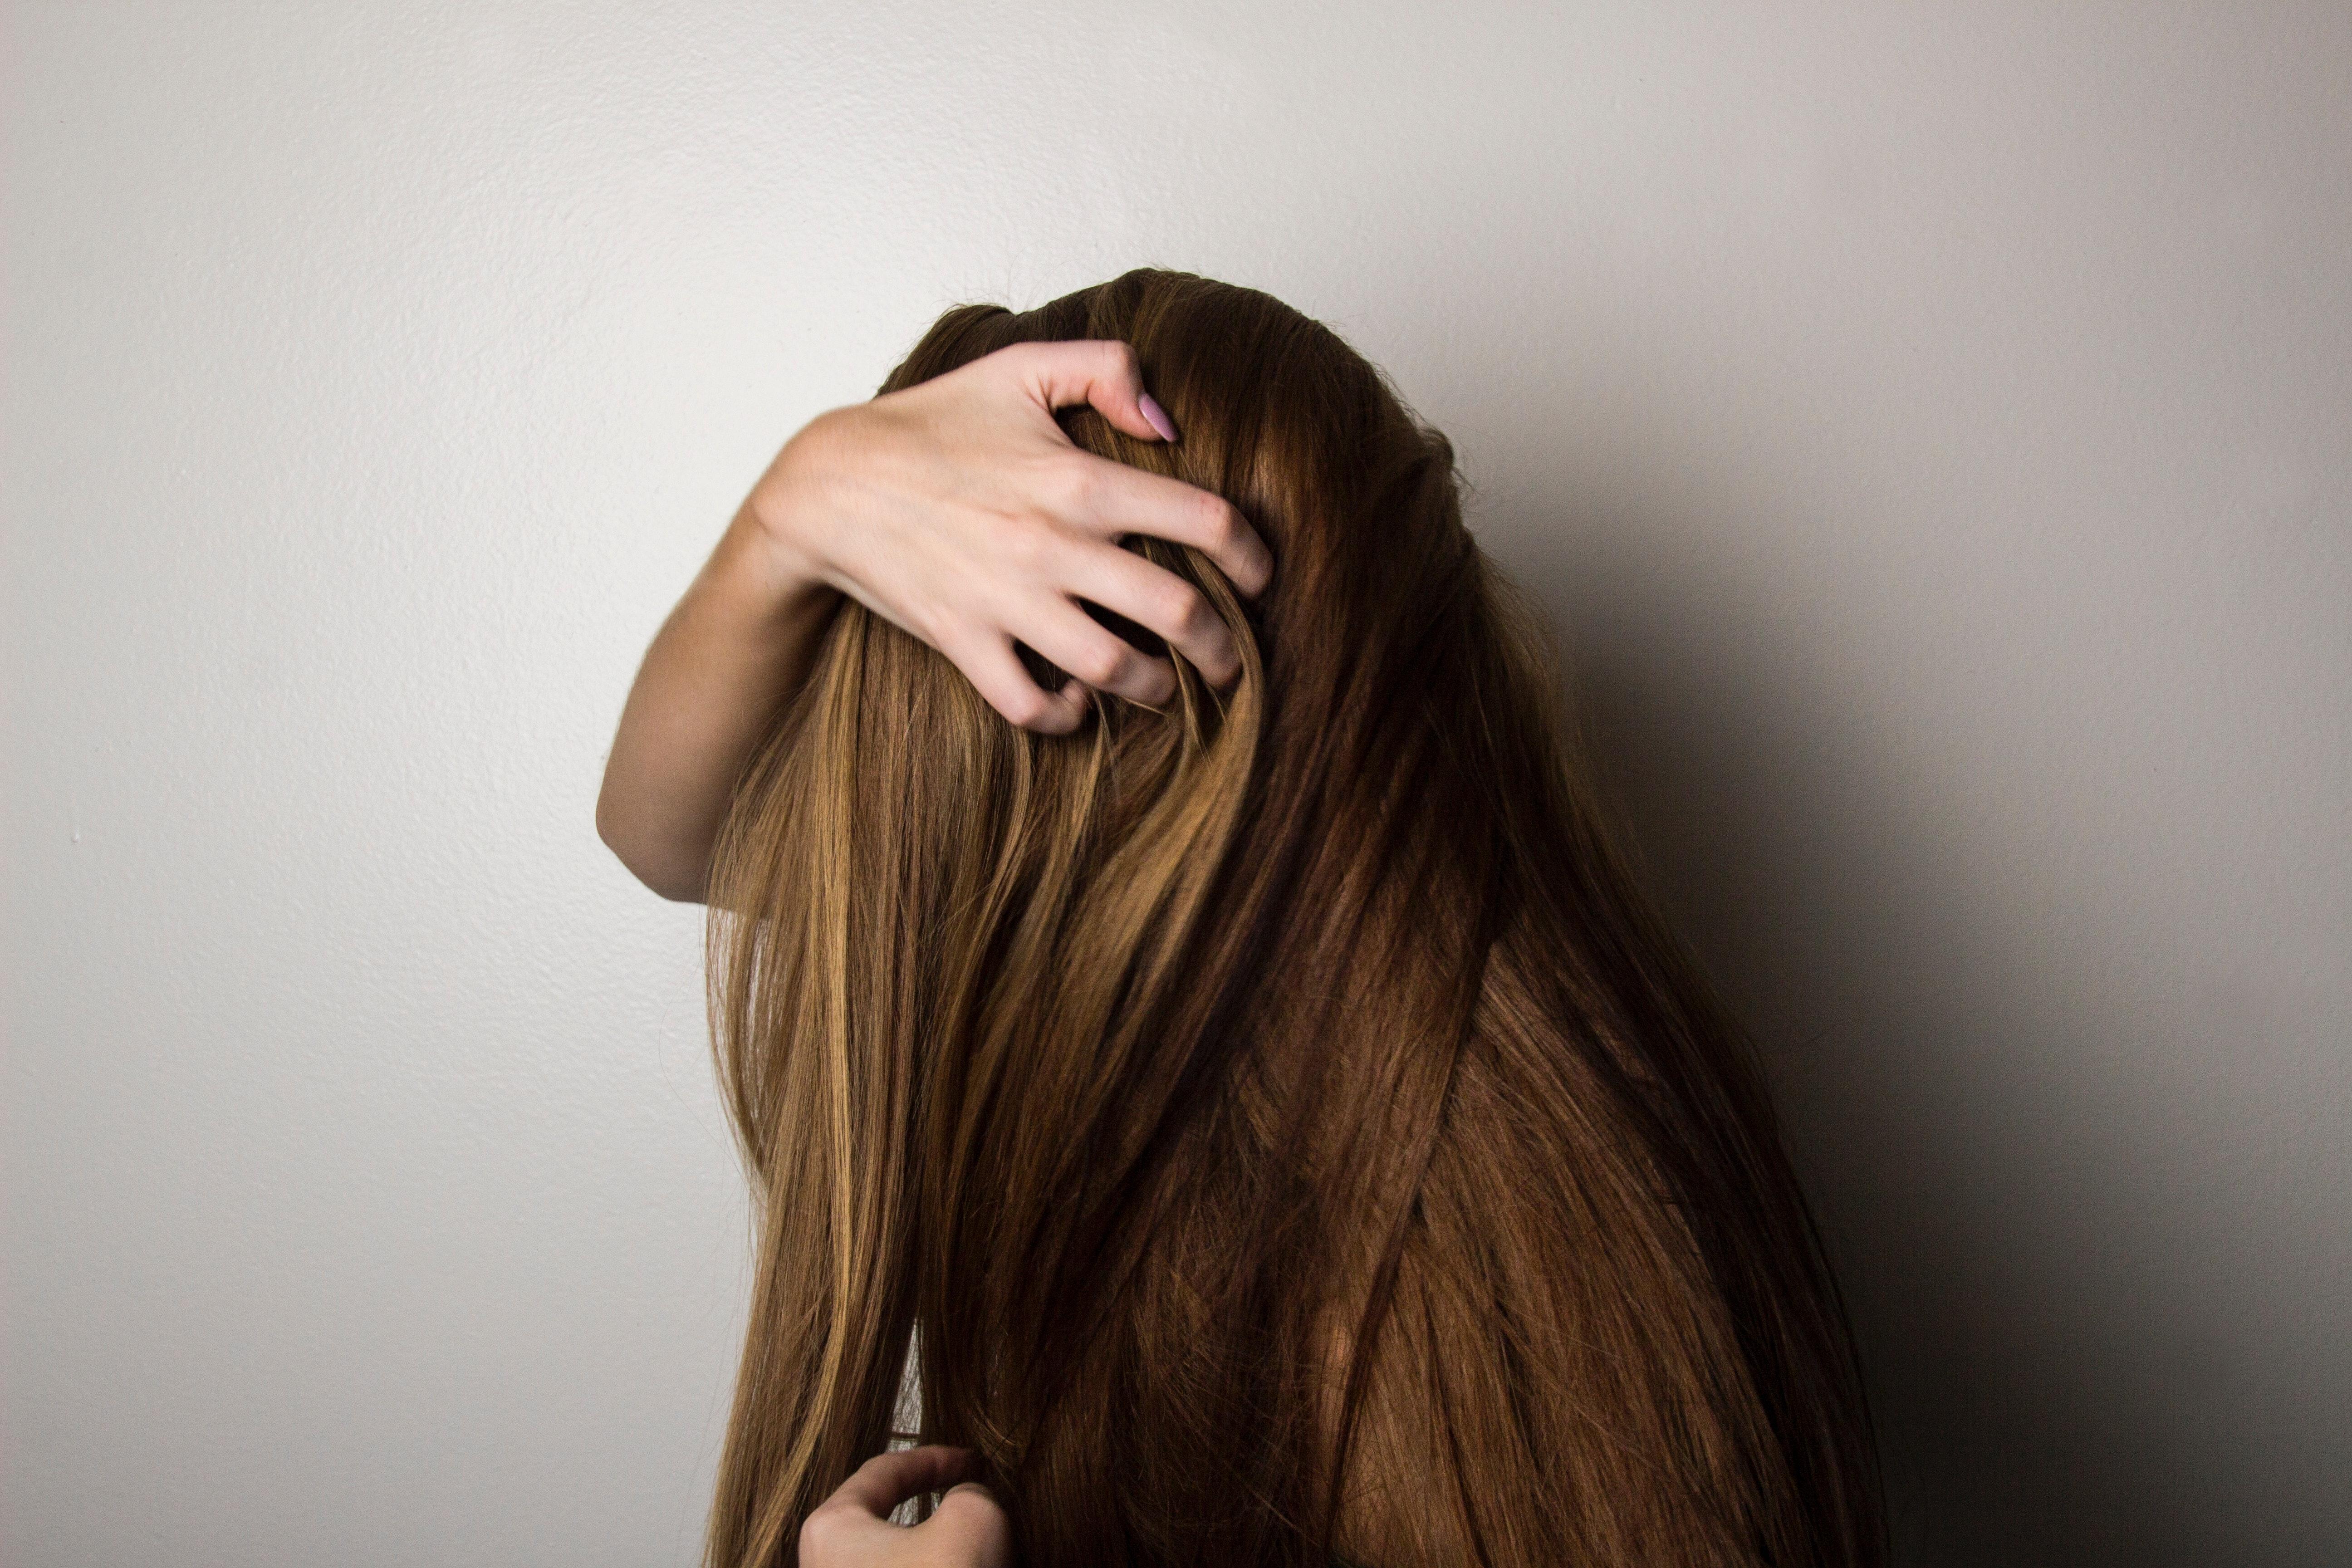 Πότε χρησιμοποιούμε λάδι μαλλιών;